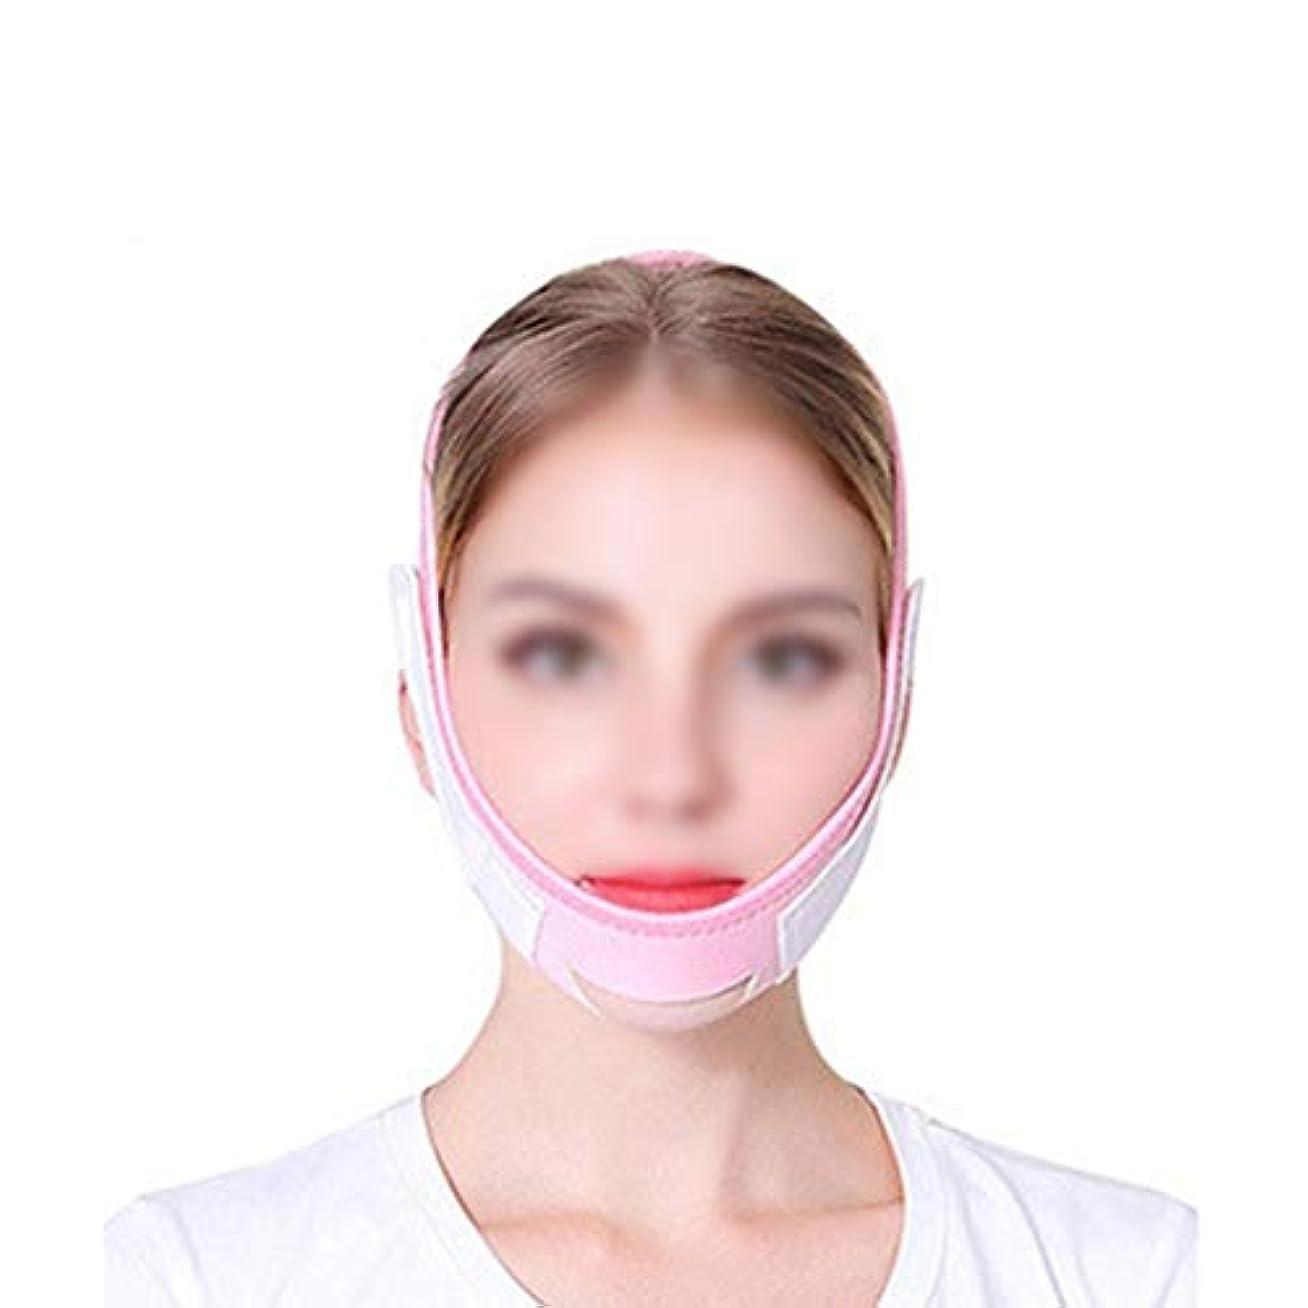 不屈晴れ変数XHLMRMJ しわ防止フェイシャル減量ベルト、フェイスリフティング包帯、フェイスリフティングマスク、リフティングフェイスバンド、スキンバンデージ(フリーサイズ) (Color : Powder white)